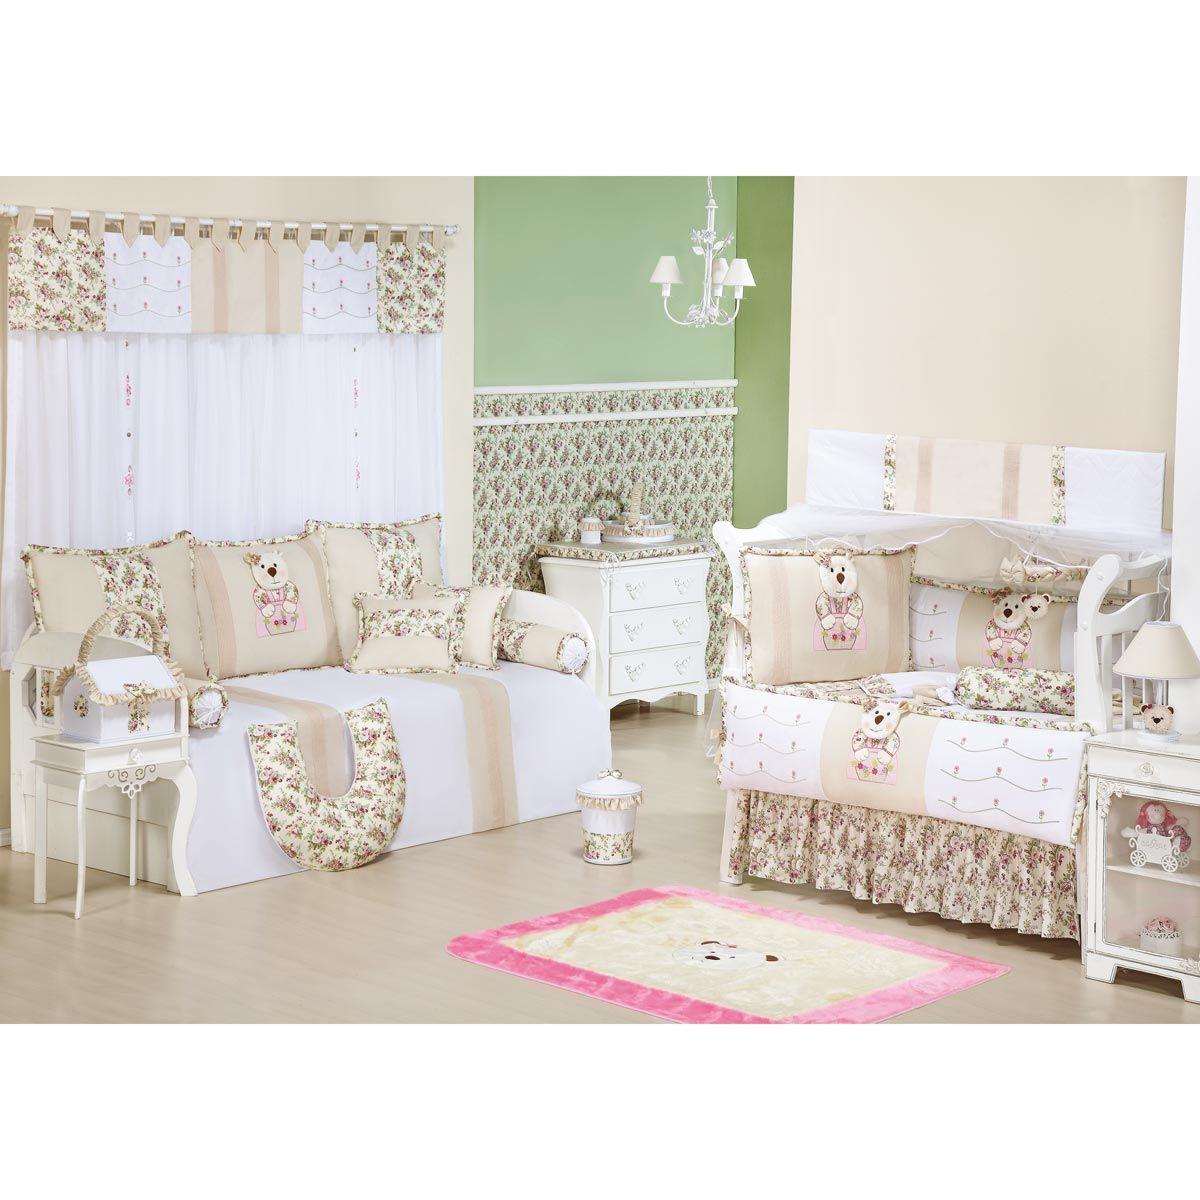 Móbile para Berço de Bebê - Coleção Keka